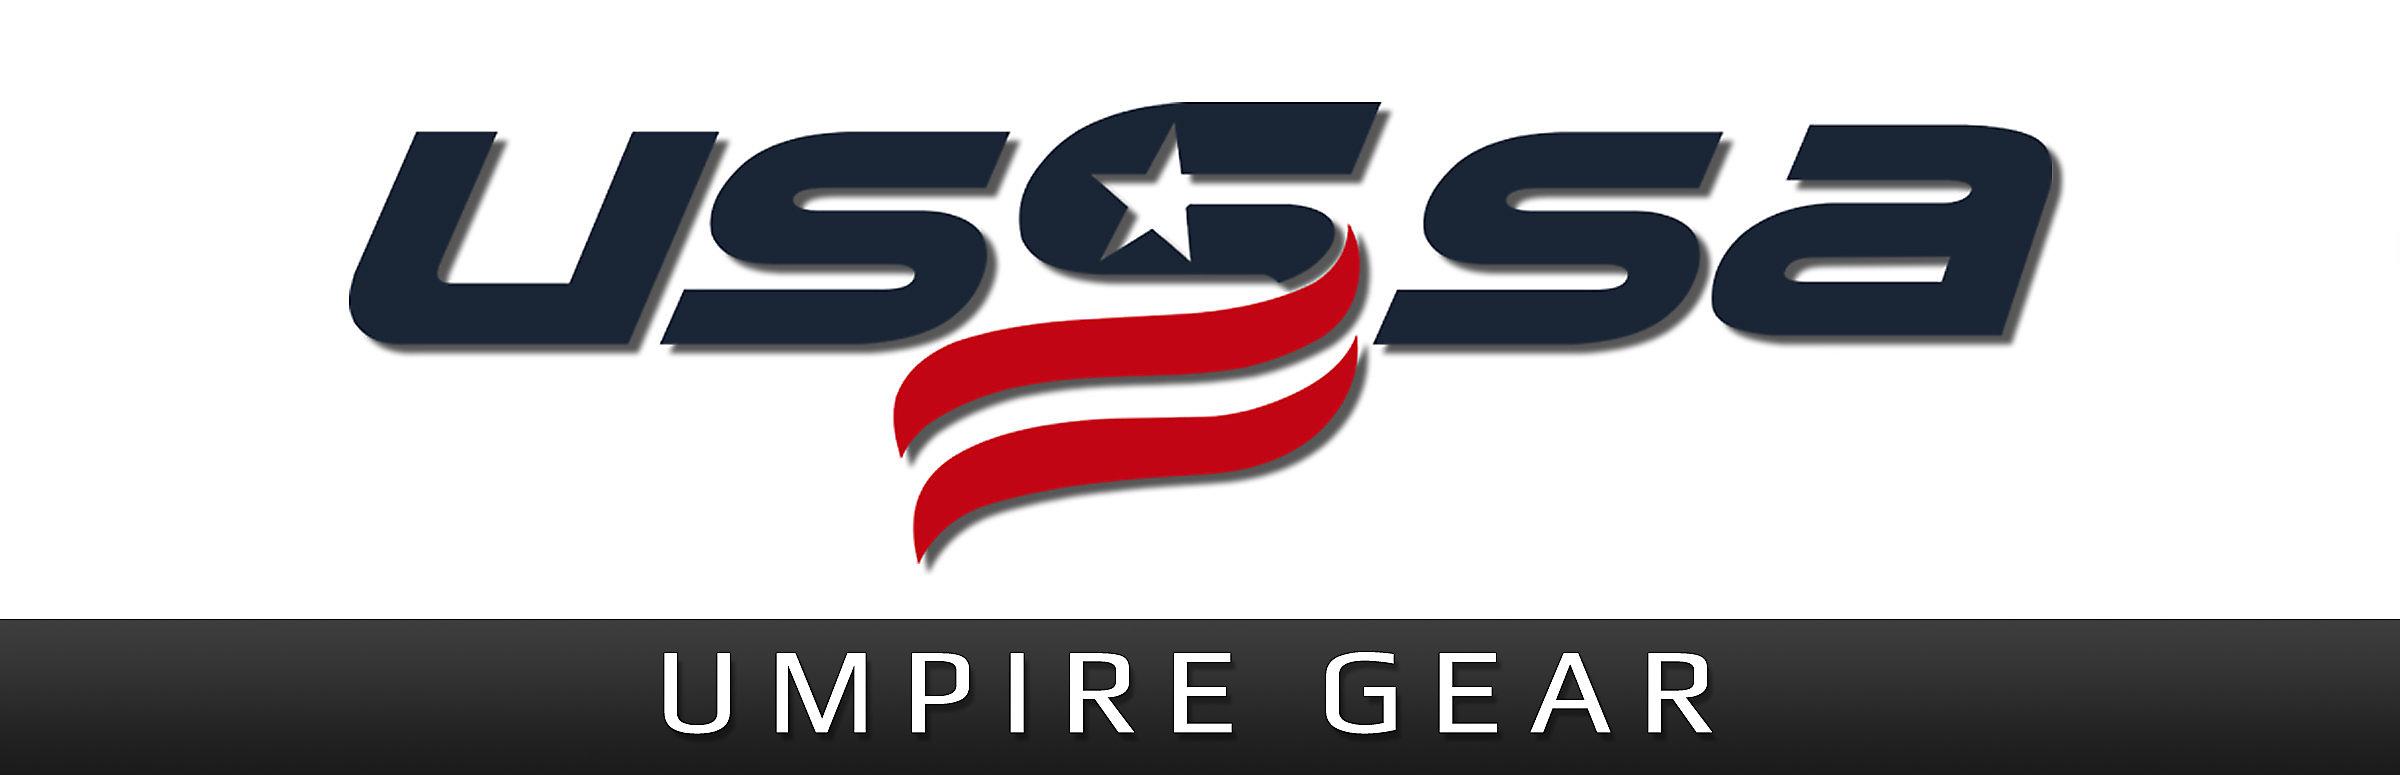 USSSA Umpire Gear